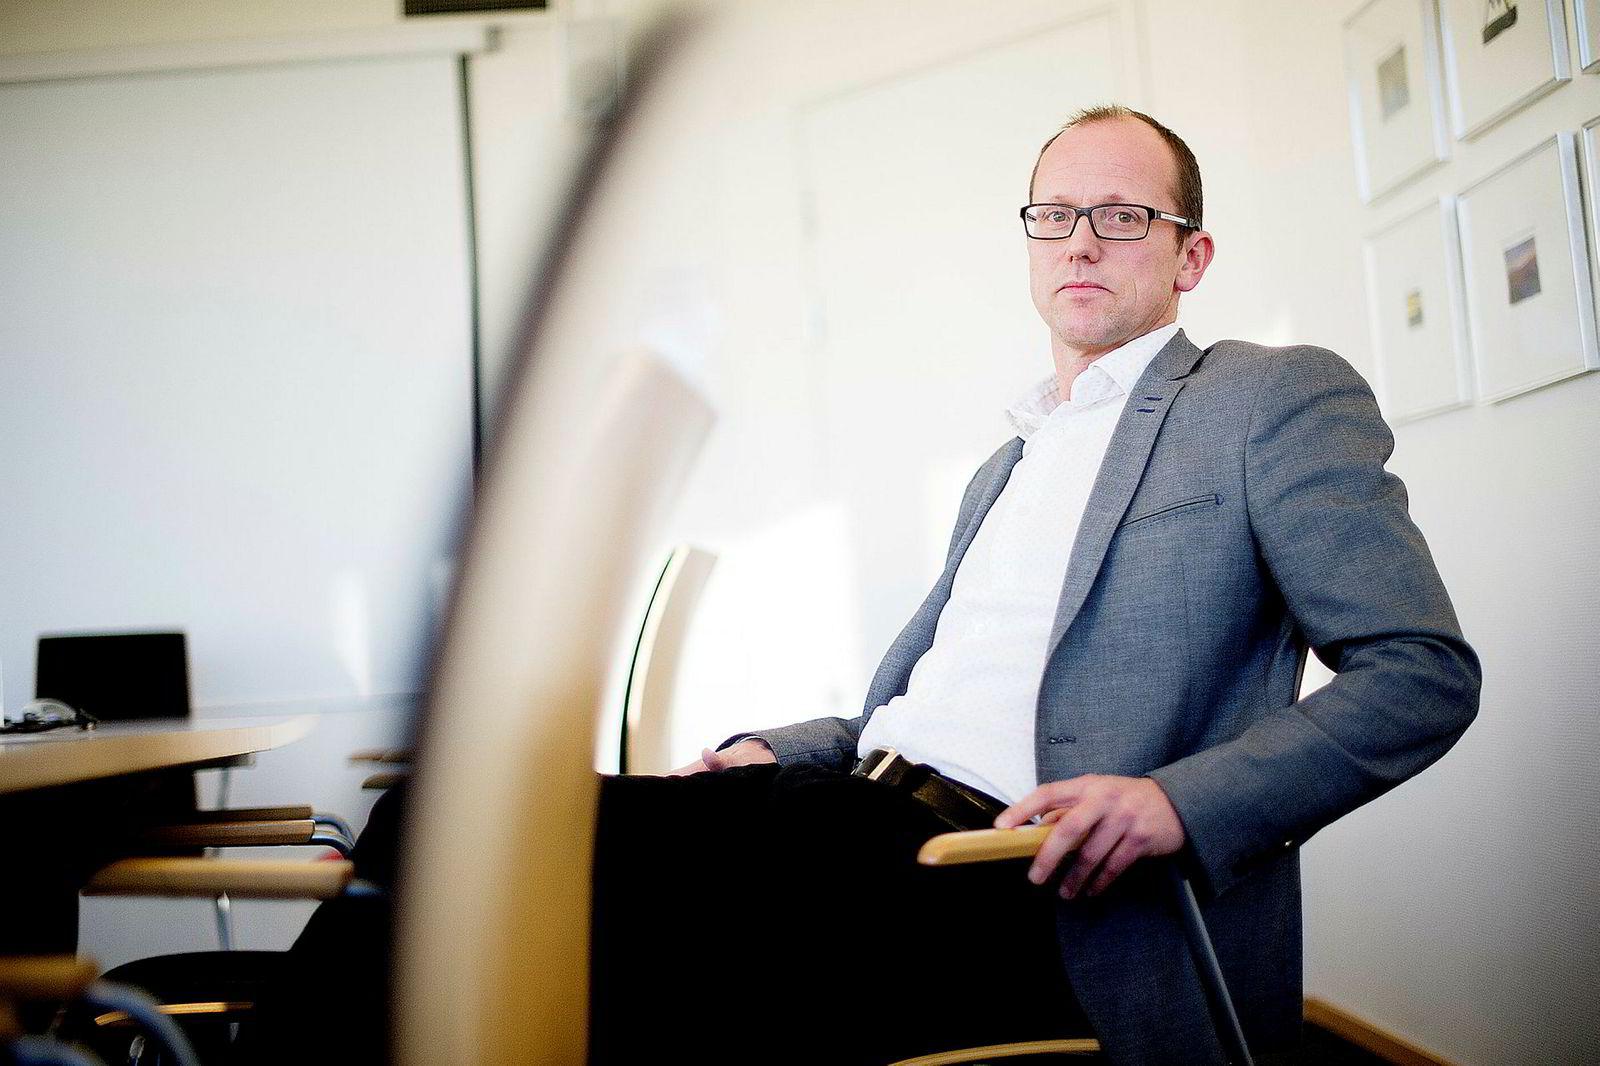 Konsernsjef Per Magne Tveiten i Mentor Medier. Han er også styreleder i Vårt Land.